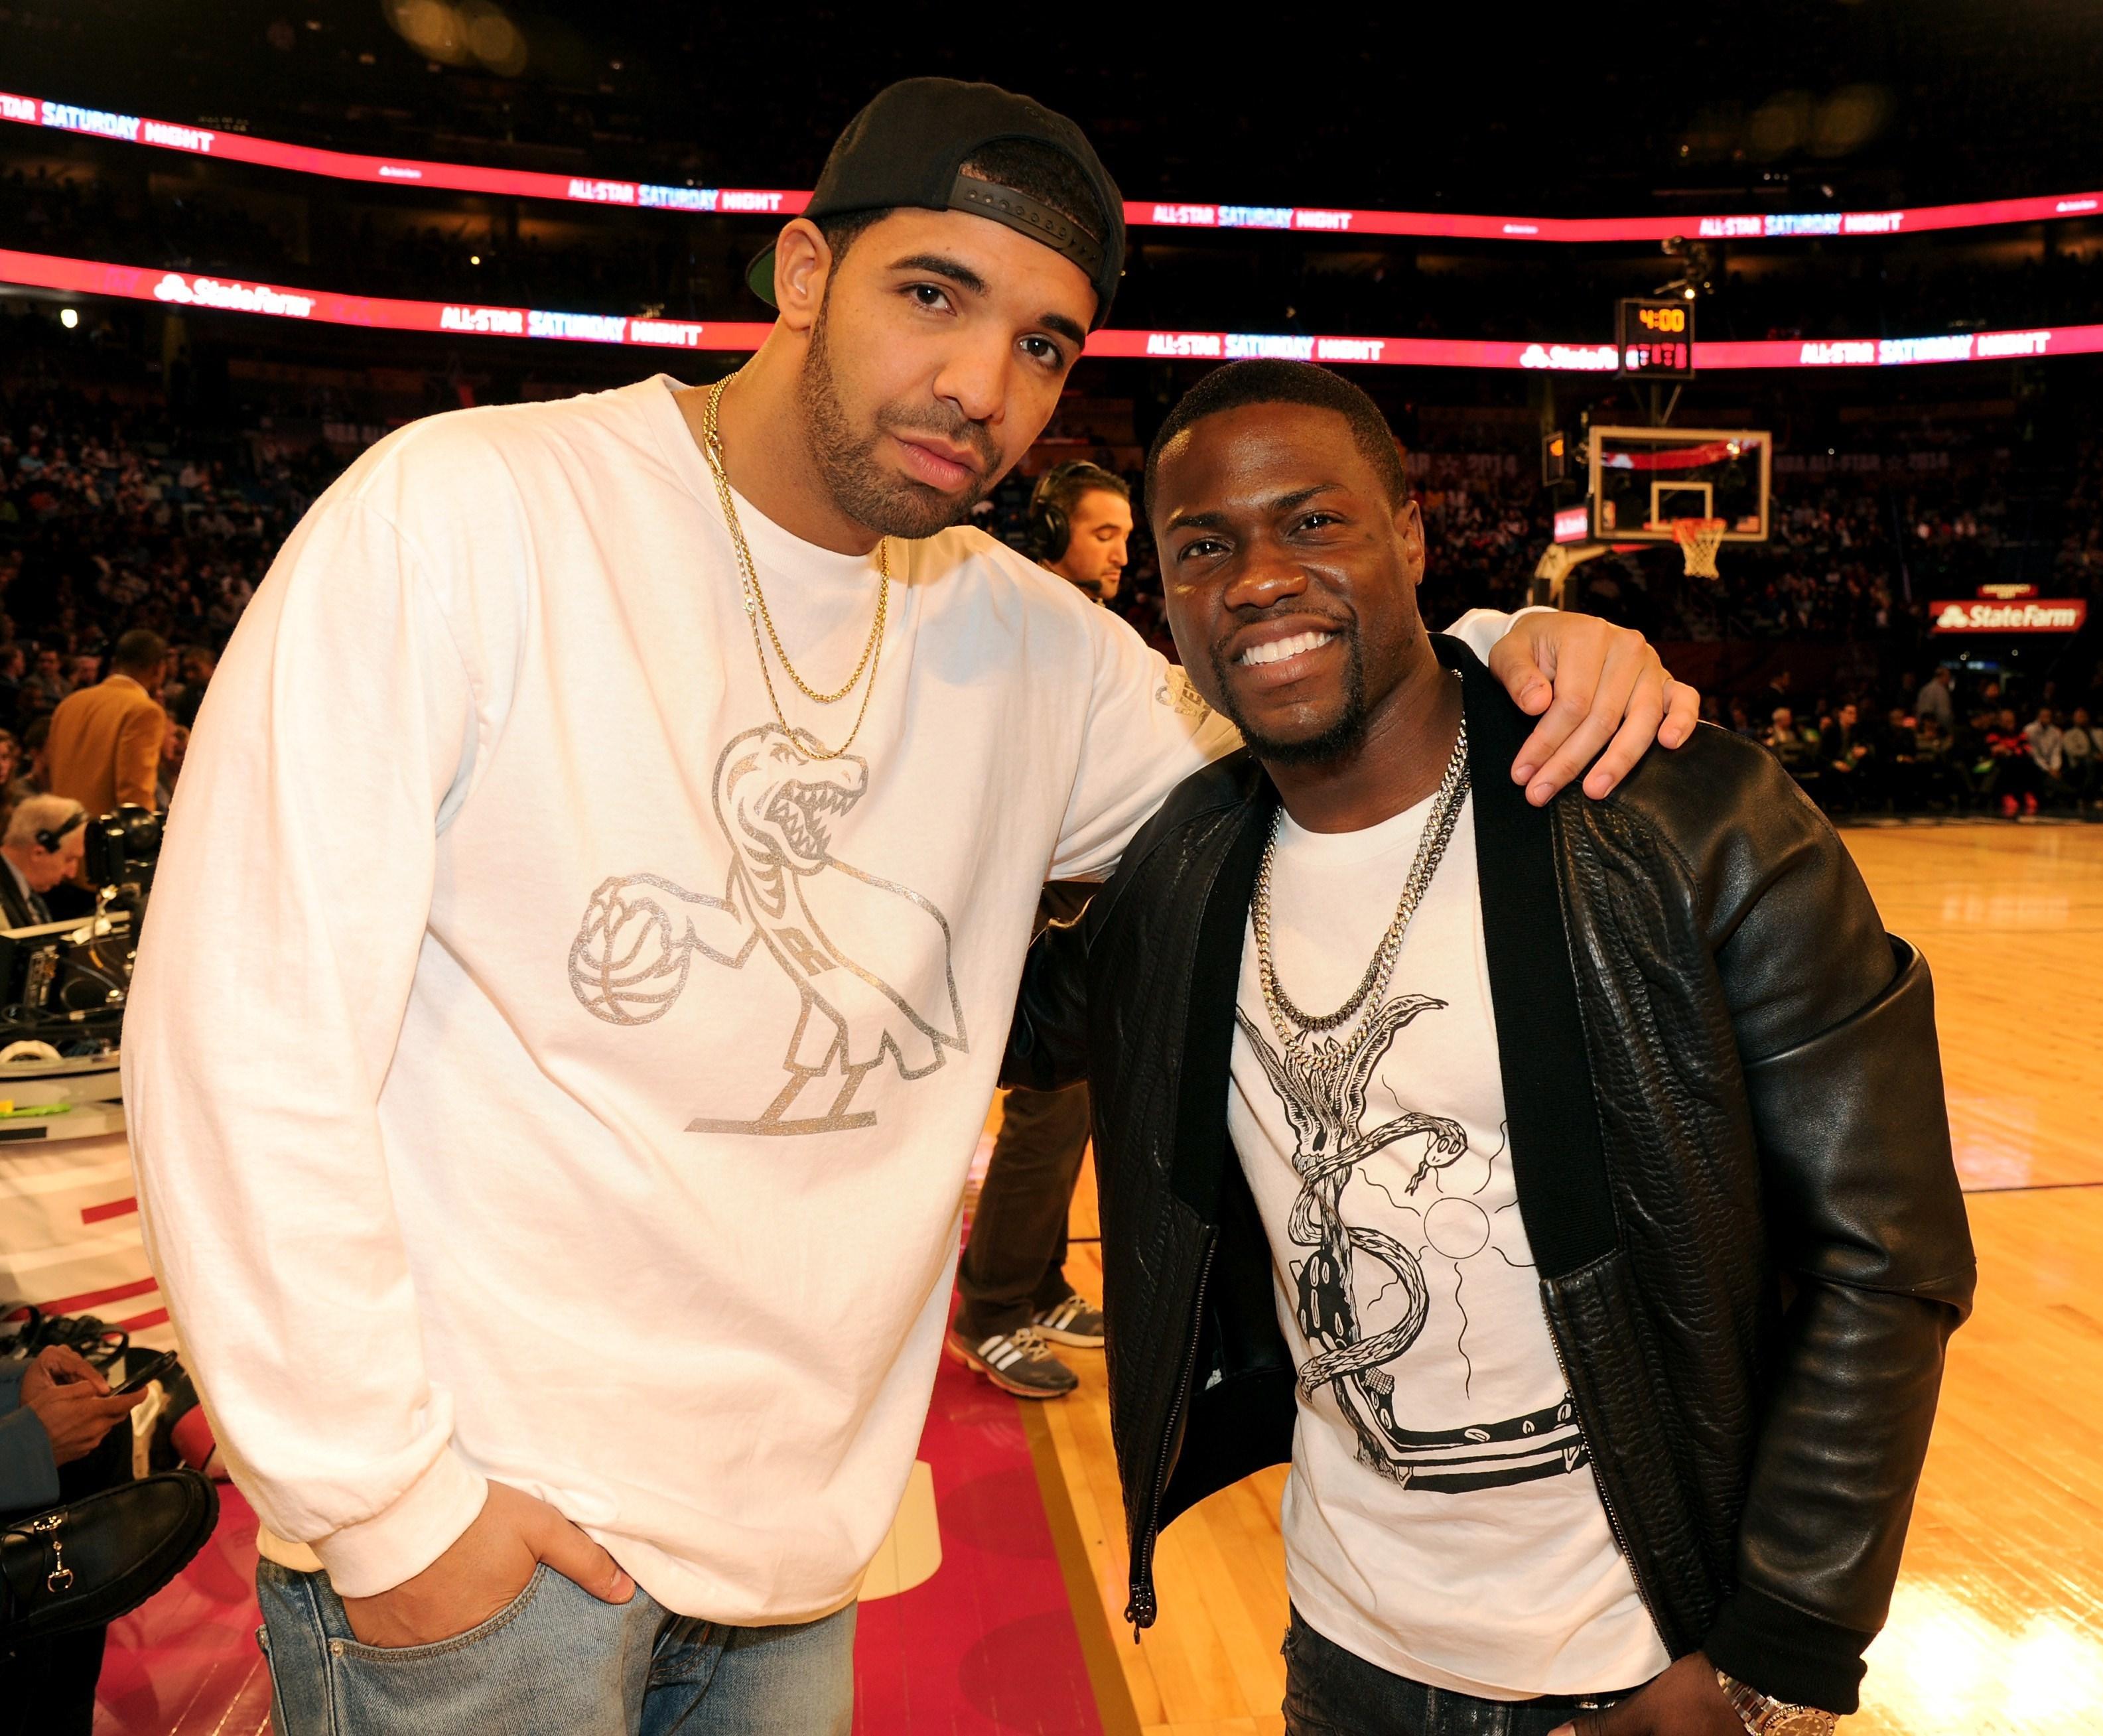 Drake and Kevin Hart facing off at NBA Celeb All Star Game